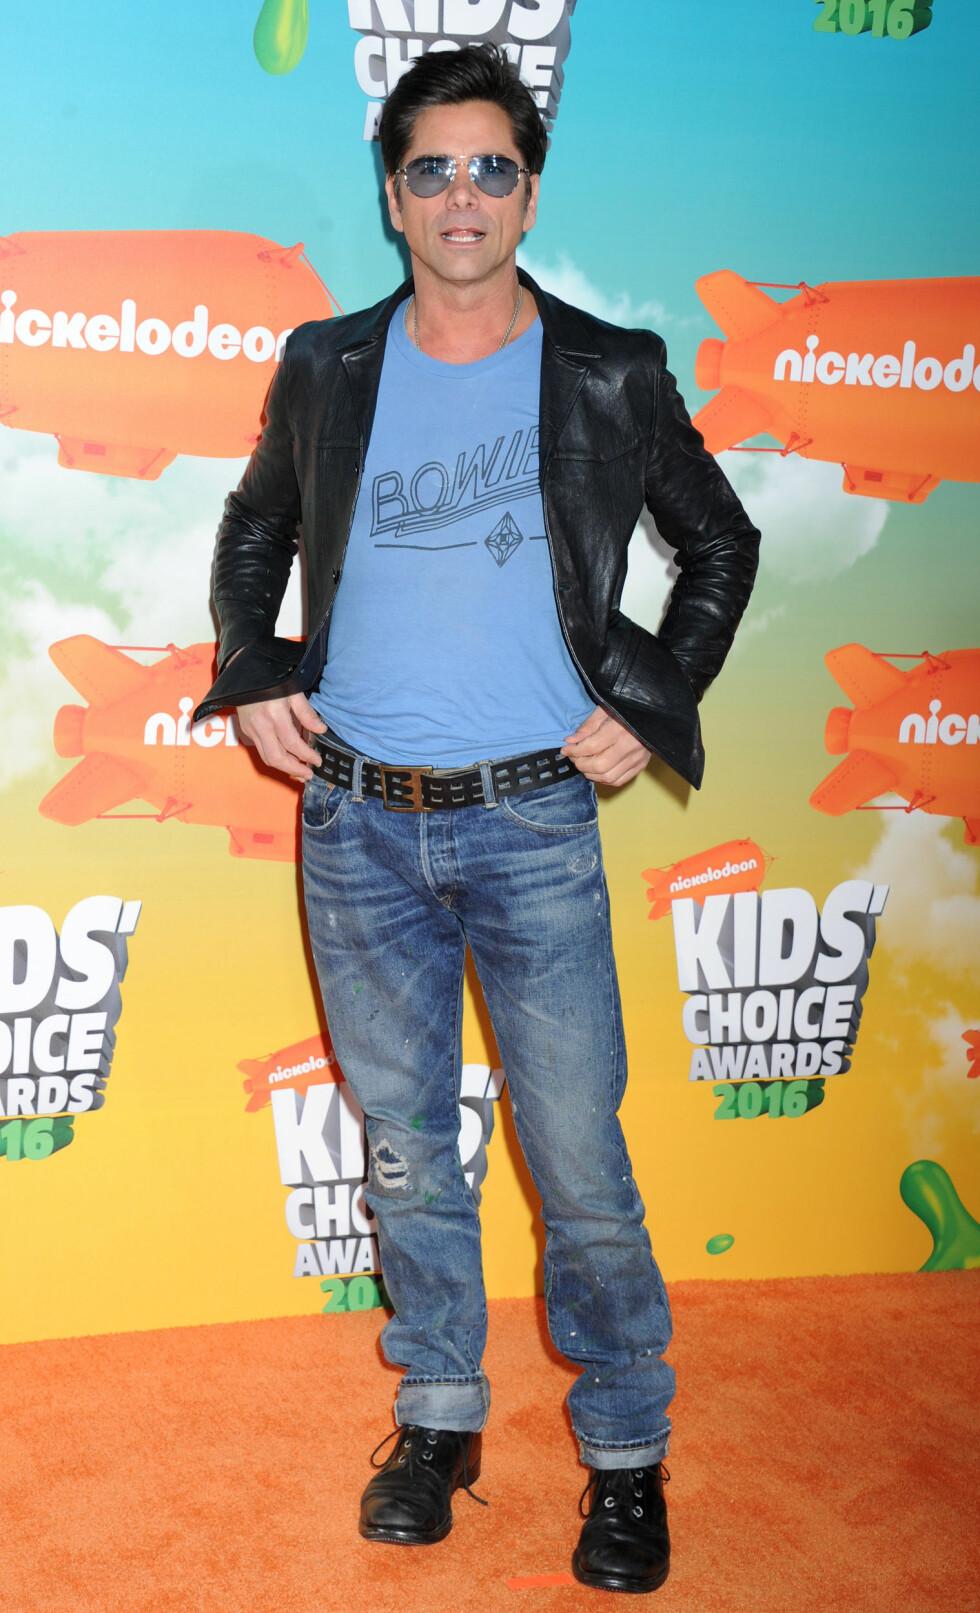 HEDRET BOWIE: Musikk-glade John Stamos poserte i en t-skjorte med David Bowies navn på under Kids' Choice Awards. Artisten døde 10. januar i år. Foto: NTB Scanpix